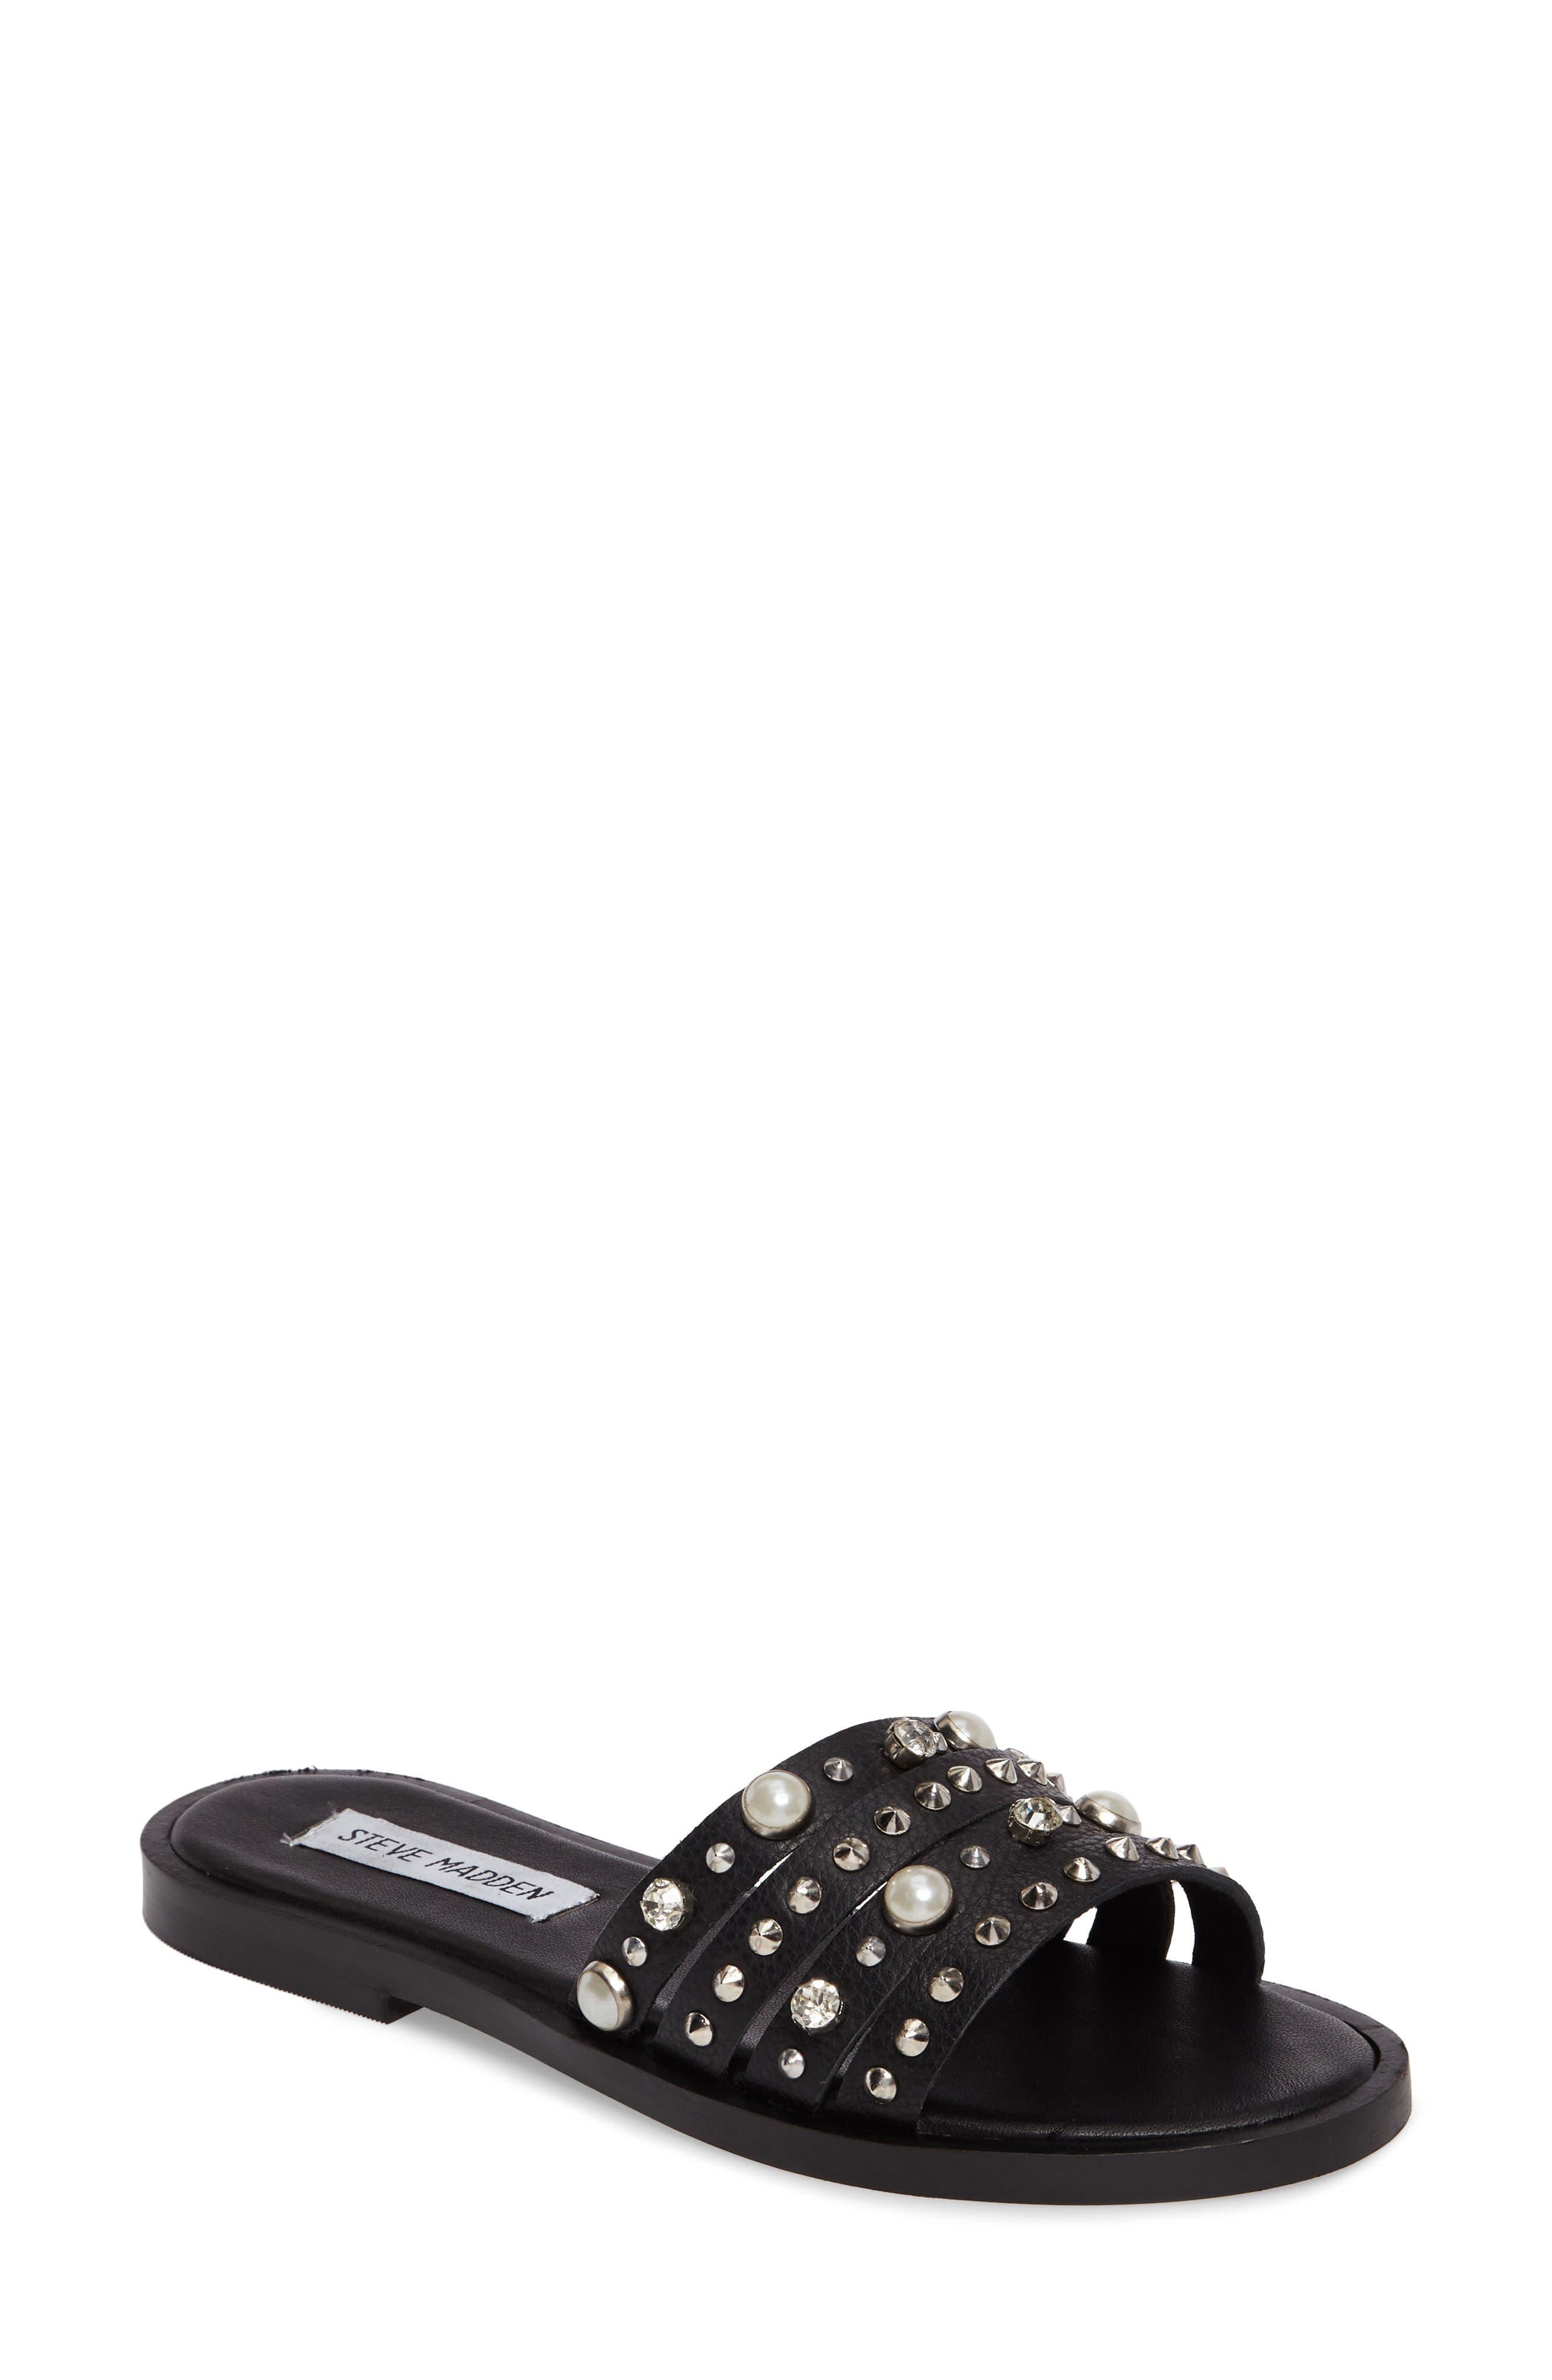 STEVE MADDEN Galaxy Slide Sandal